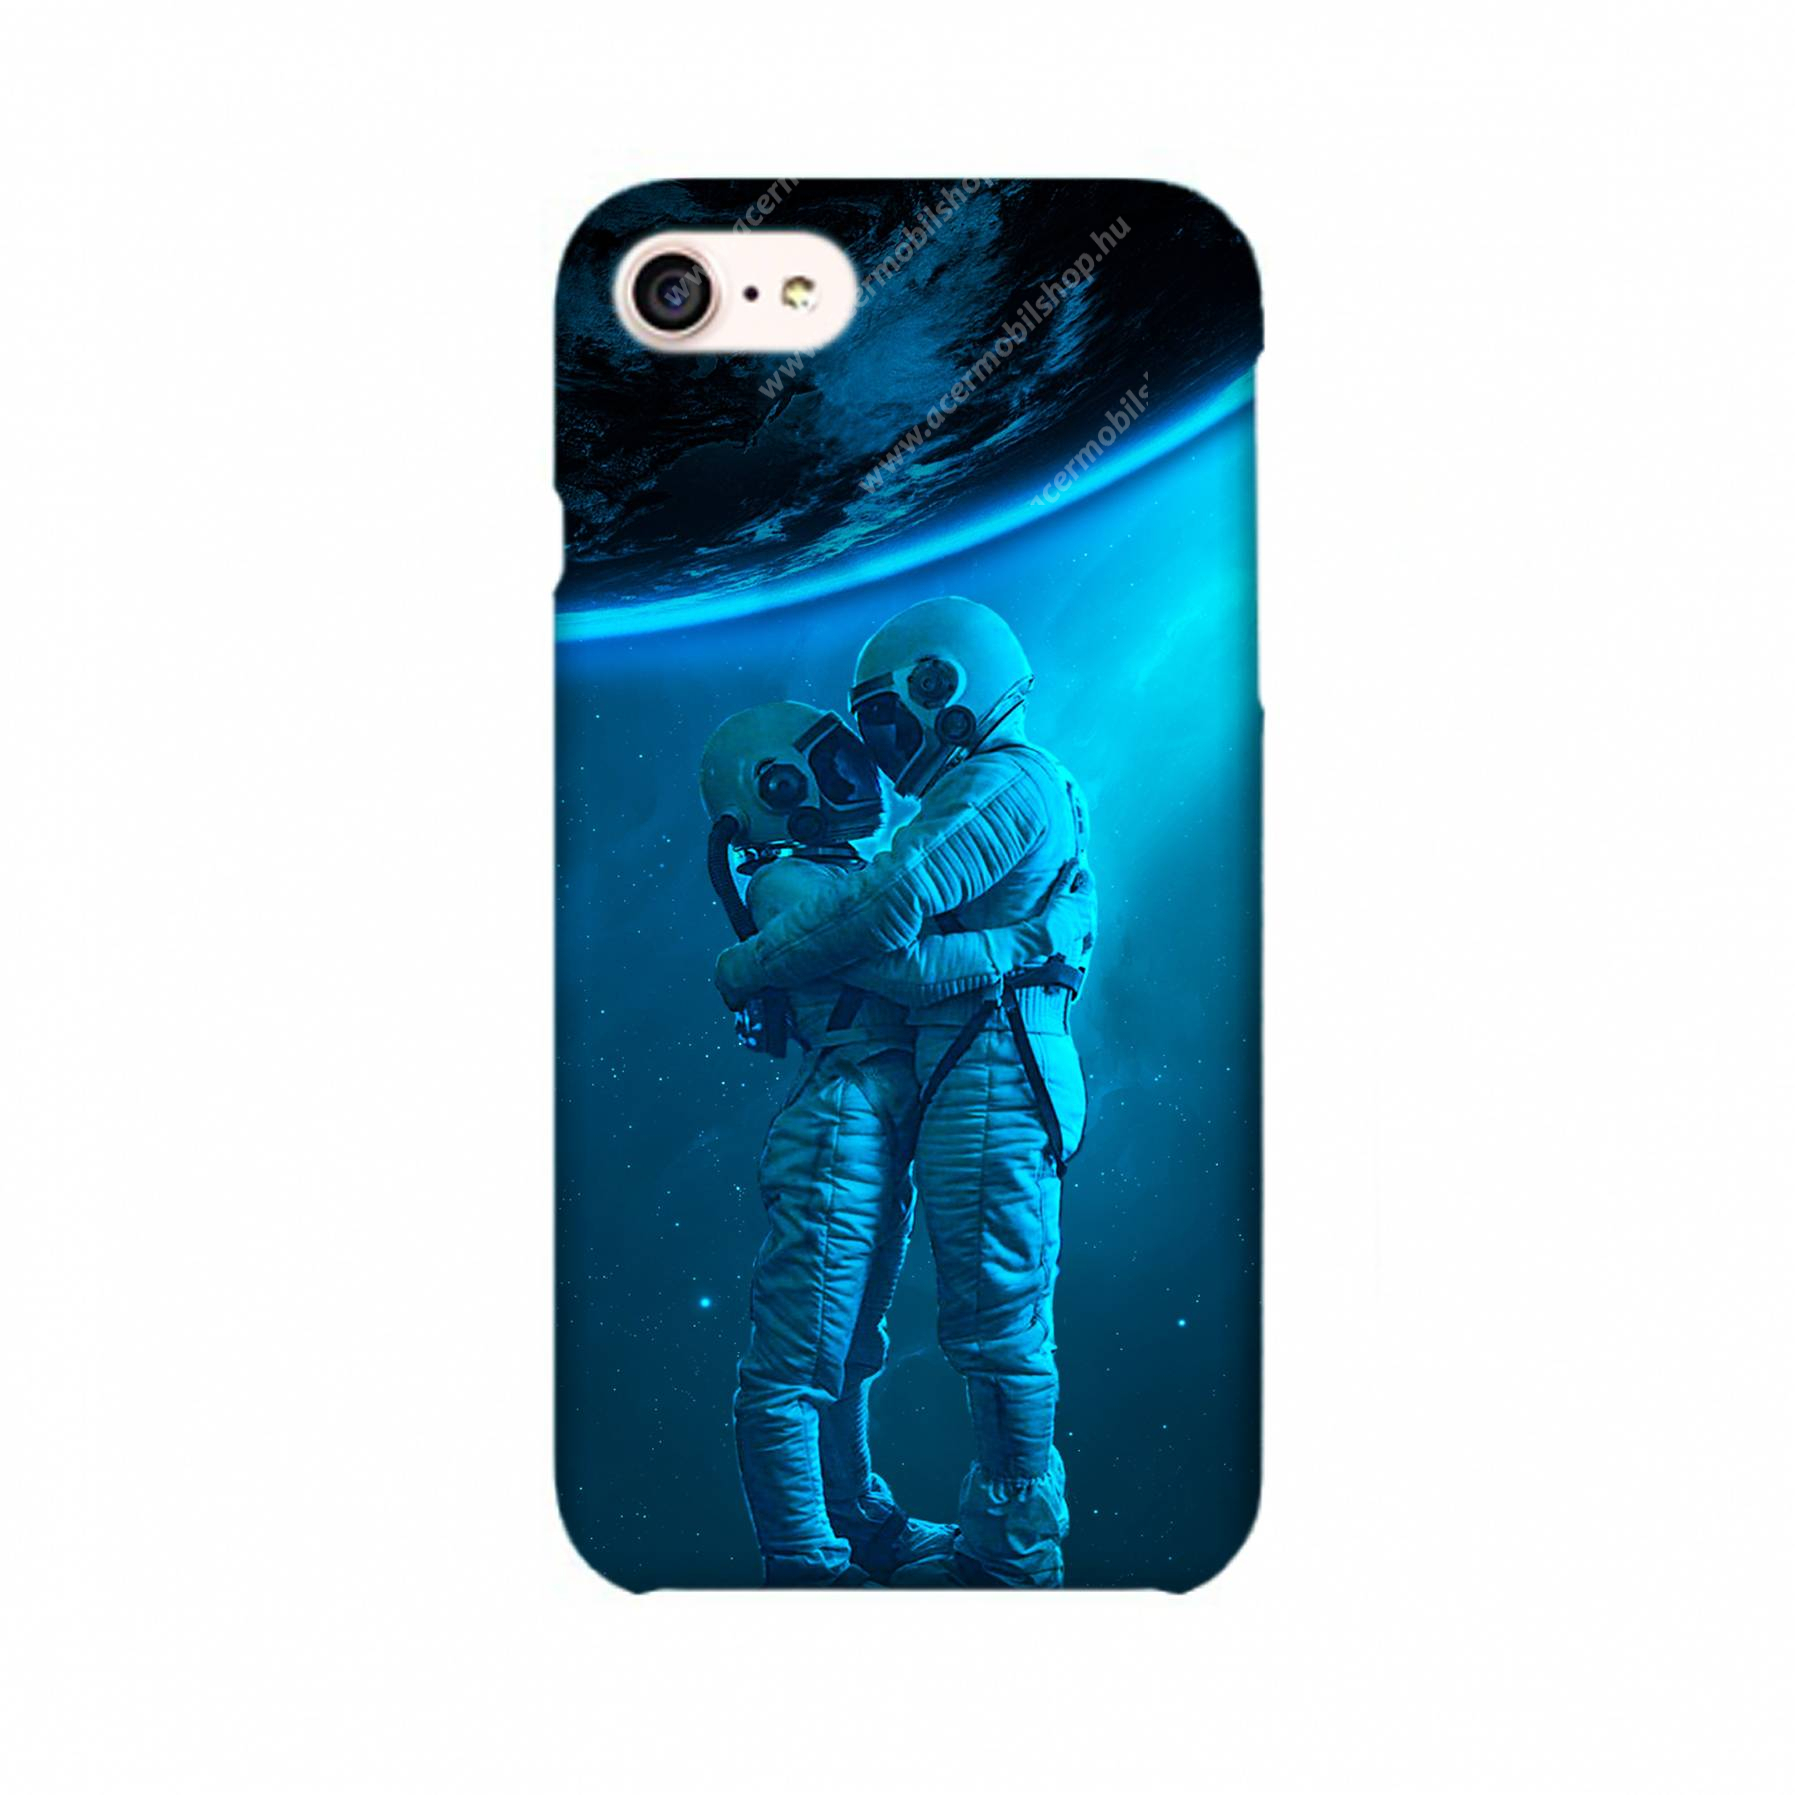 E-pic szilikon védő tok / hátlap - Szerelmes űrhajós pár mintás - APPLE iPhone 7